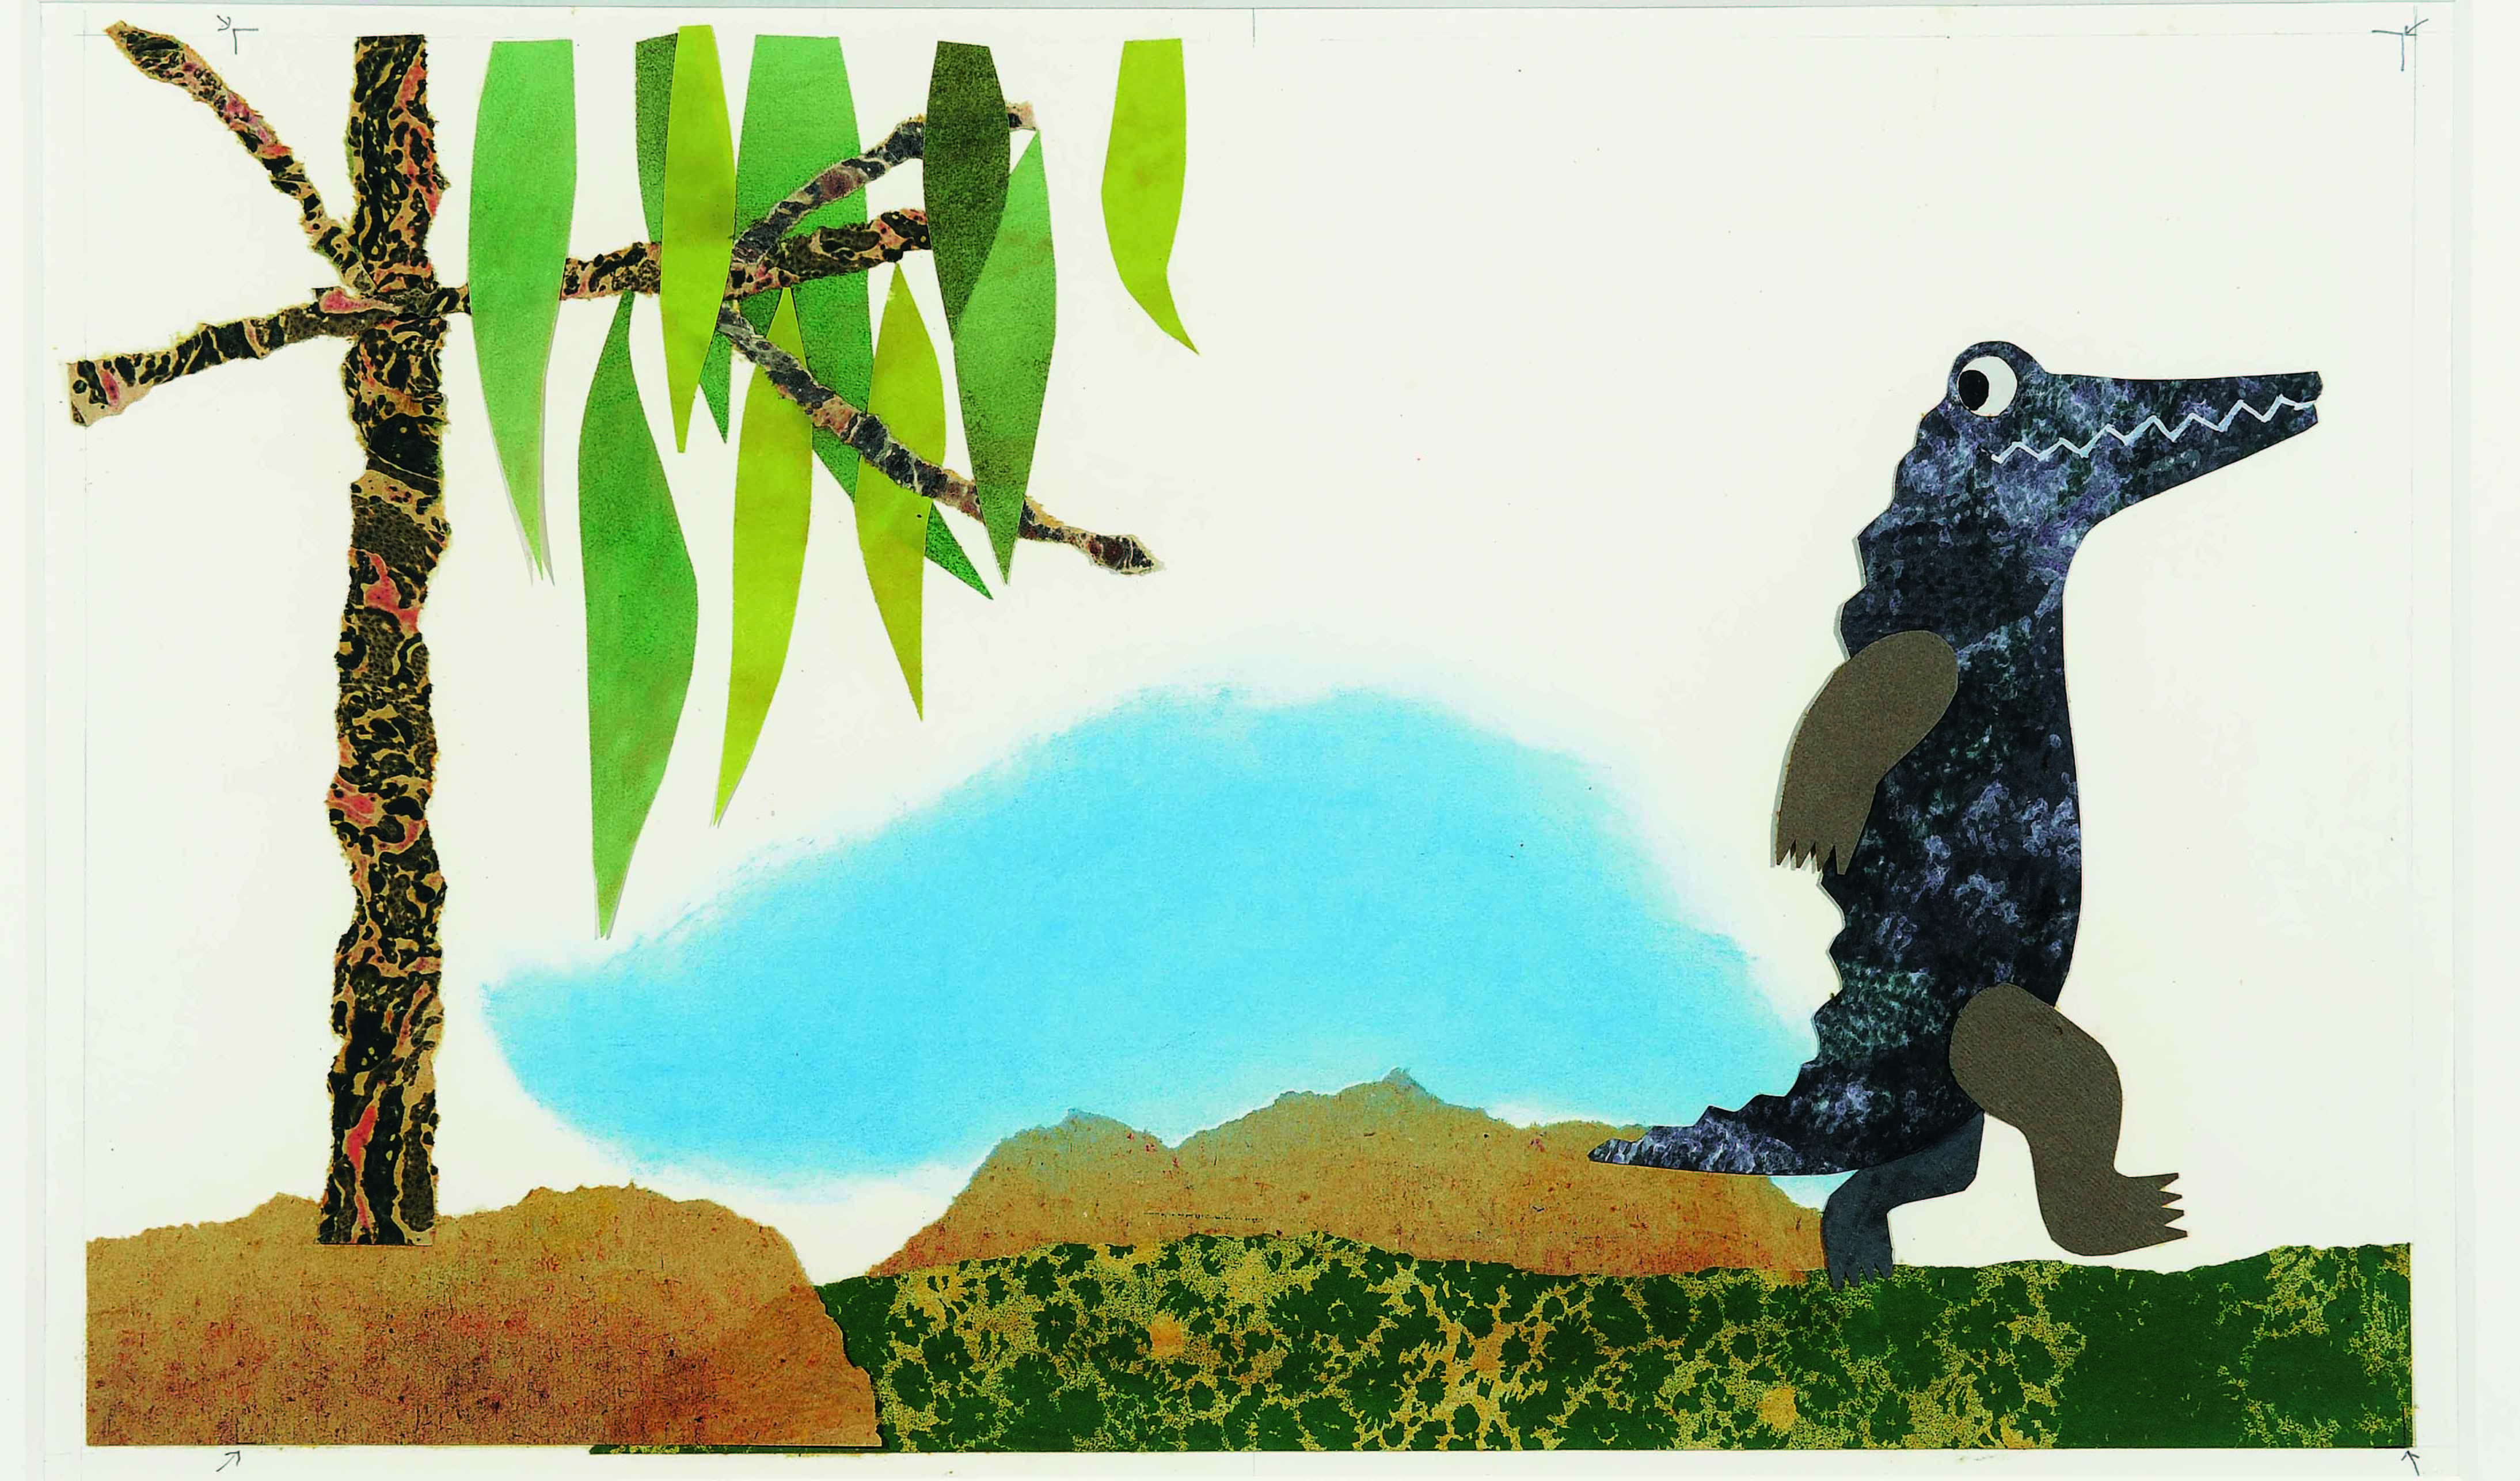 「コーネリアス」 1983年 水彩、パステル、コラージュ、紙 51×63.6cm Cornelius (C)1983 by  Leo Lionni / Pantheon Works by Leo Lionni, On Loan By The Lionni Family